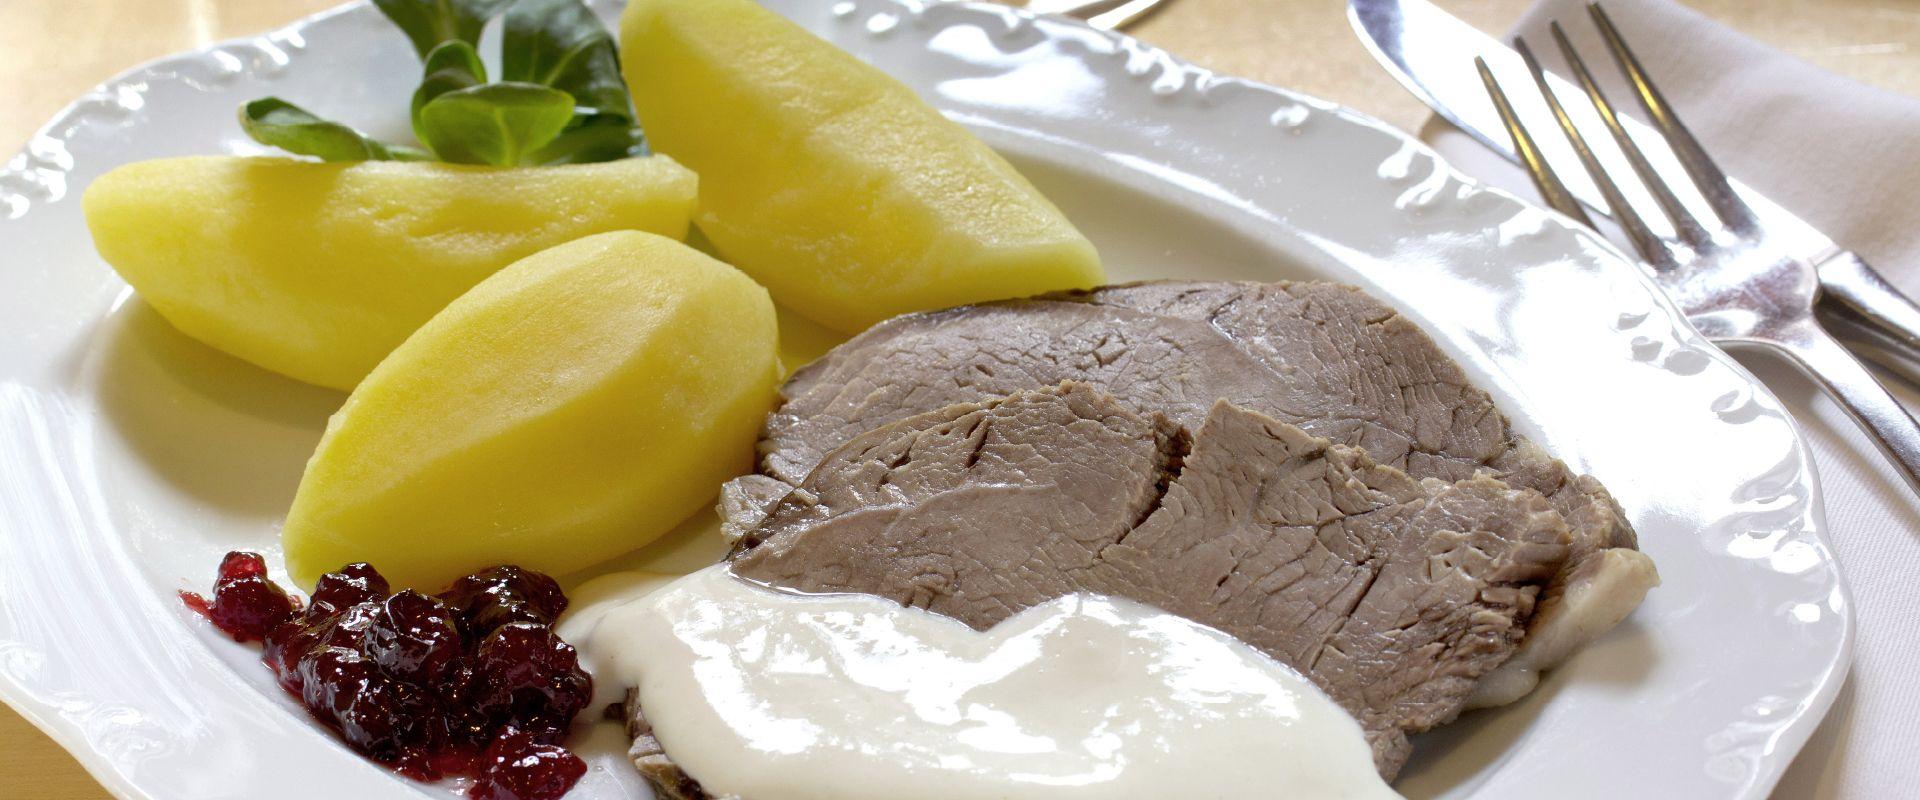 Traditionelle bayerische Küche wie Ochsenbrust mit Salzkartoffeln: Dazu passt ein Spalter Bier!